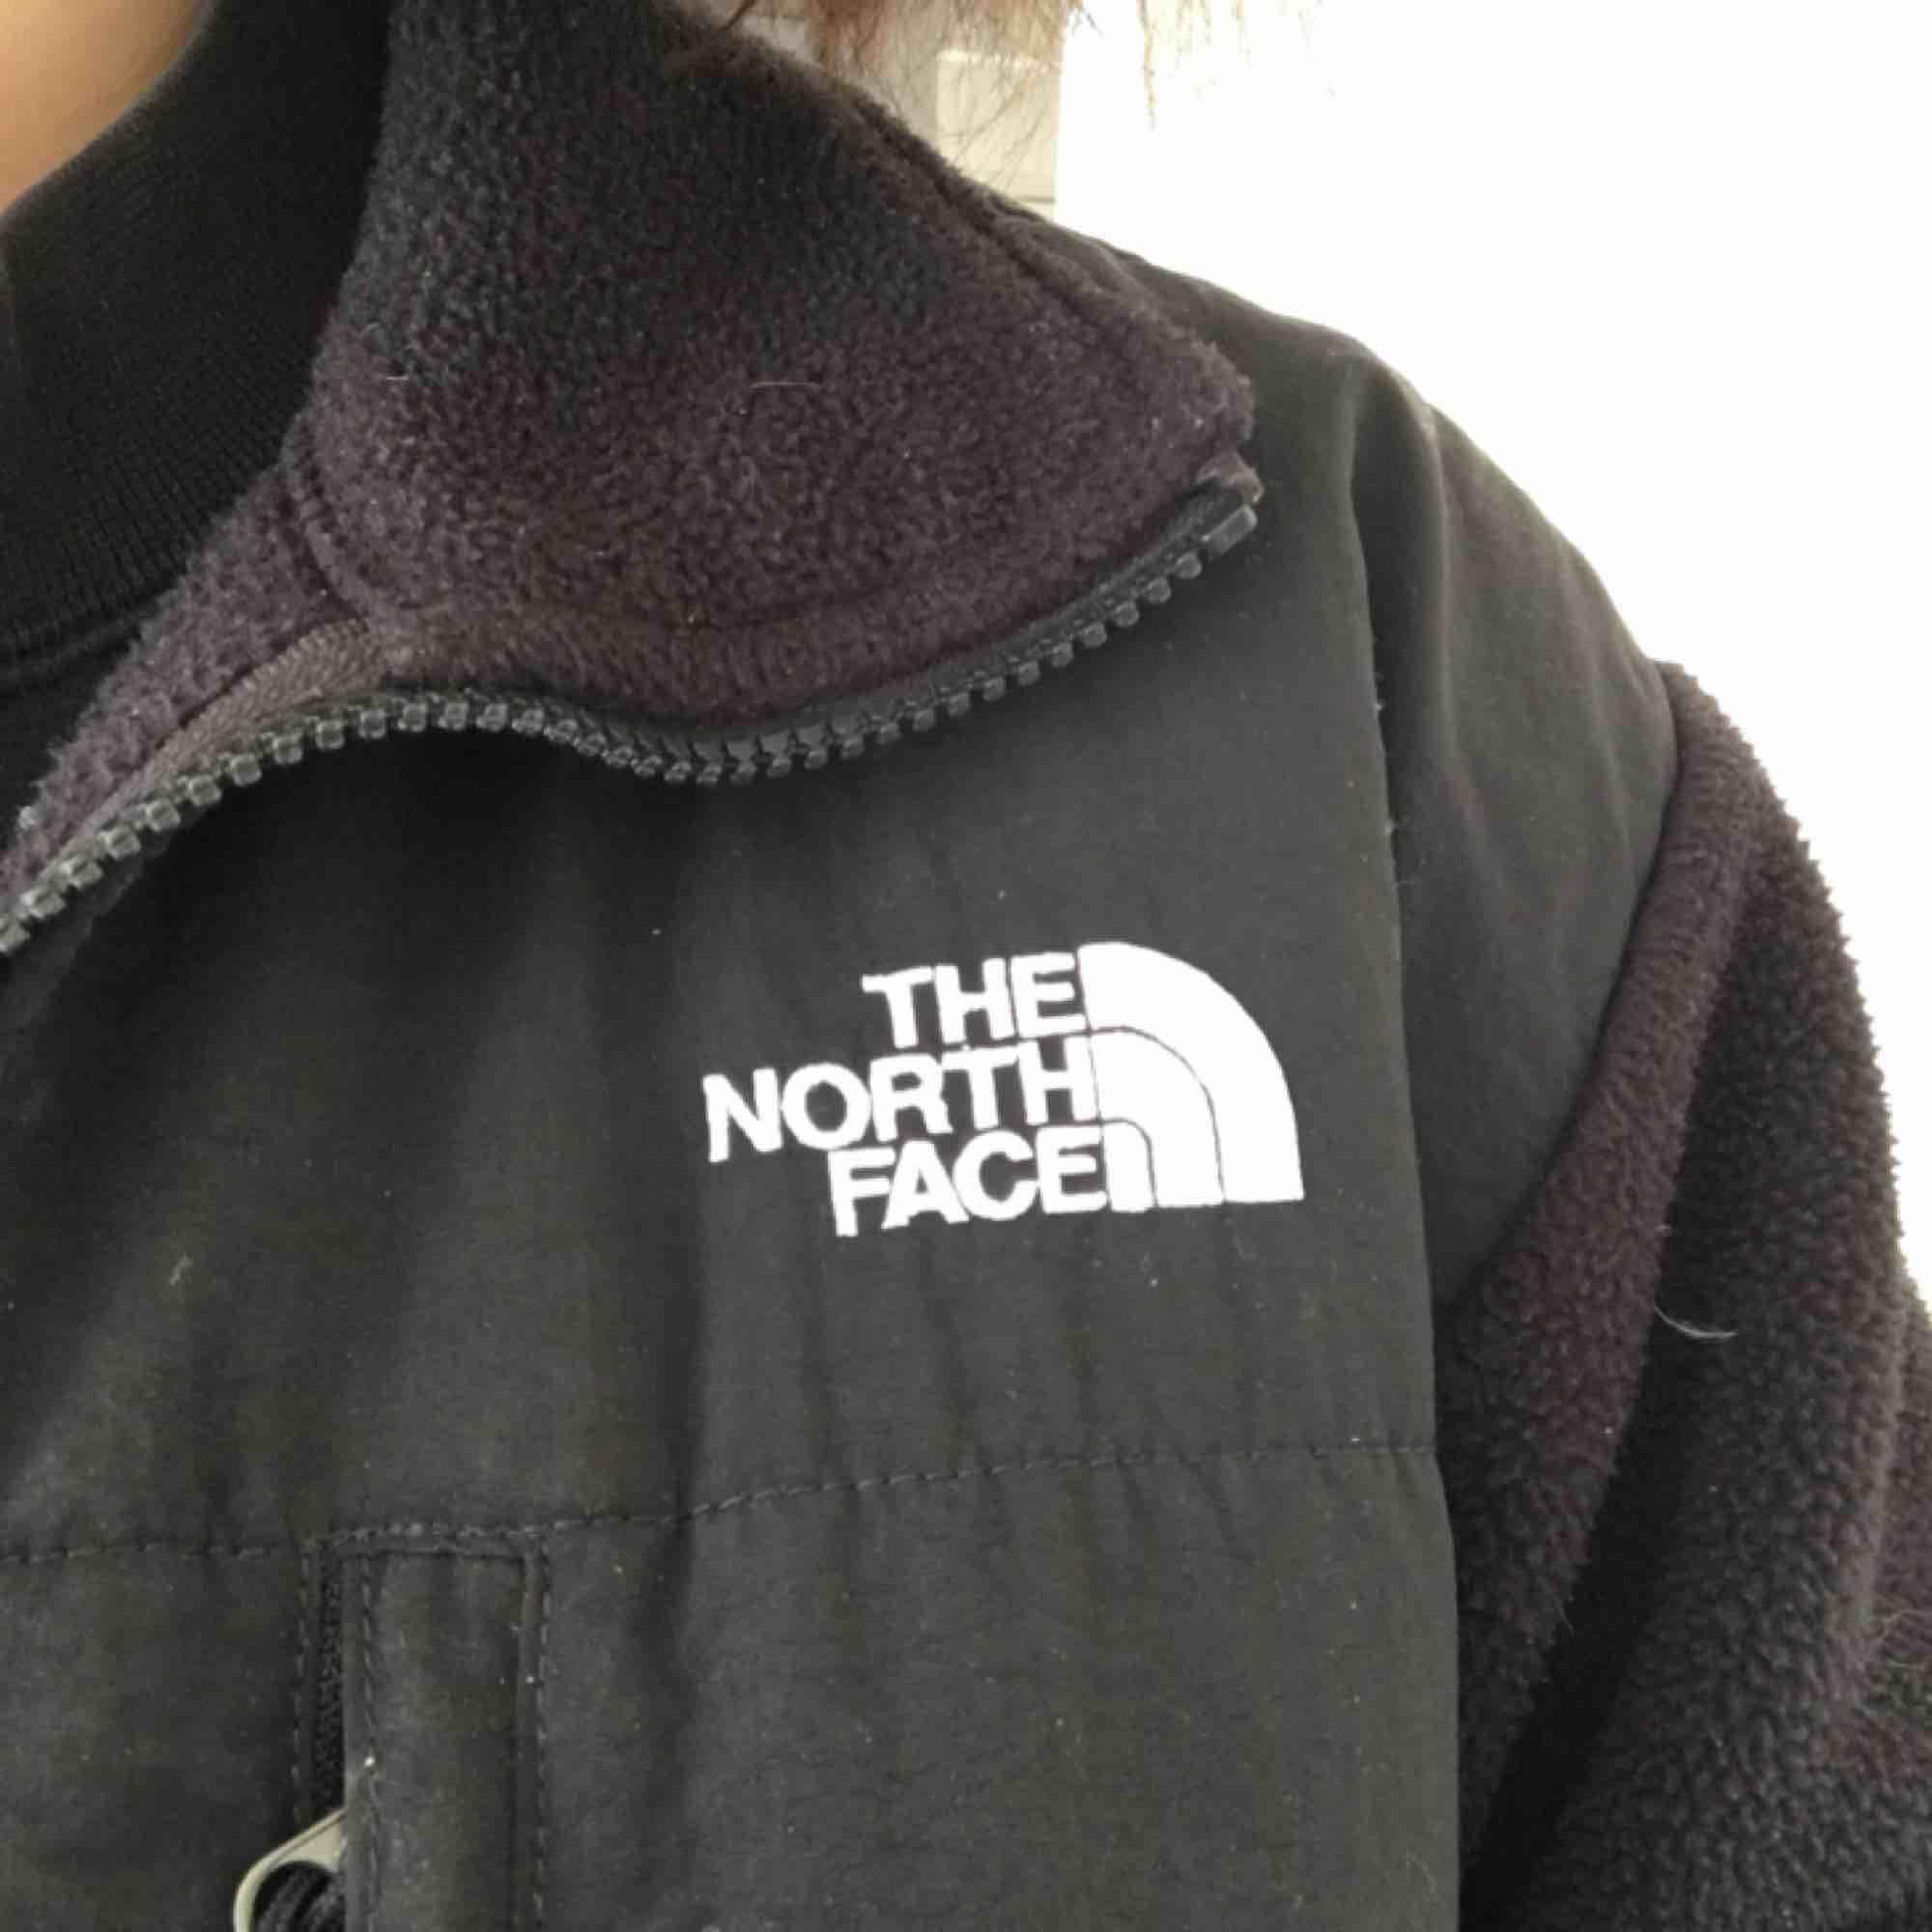 North face fleece / jakke købt i London !! Meget varm og hyggelig og perfekt i foråret. Jakker.